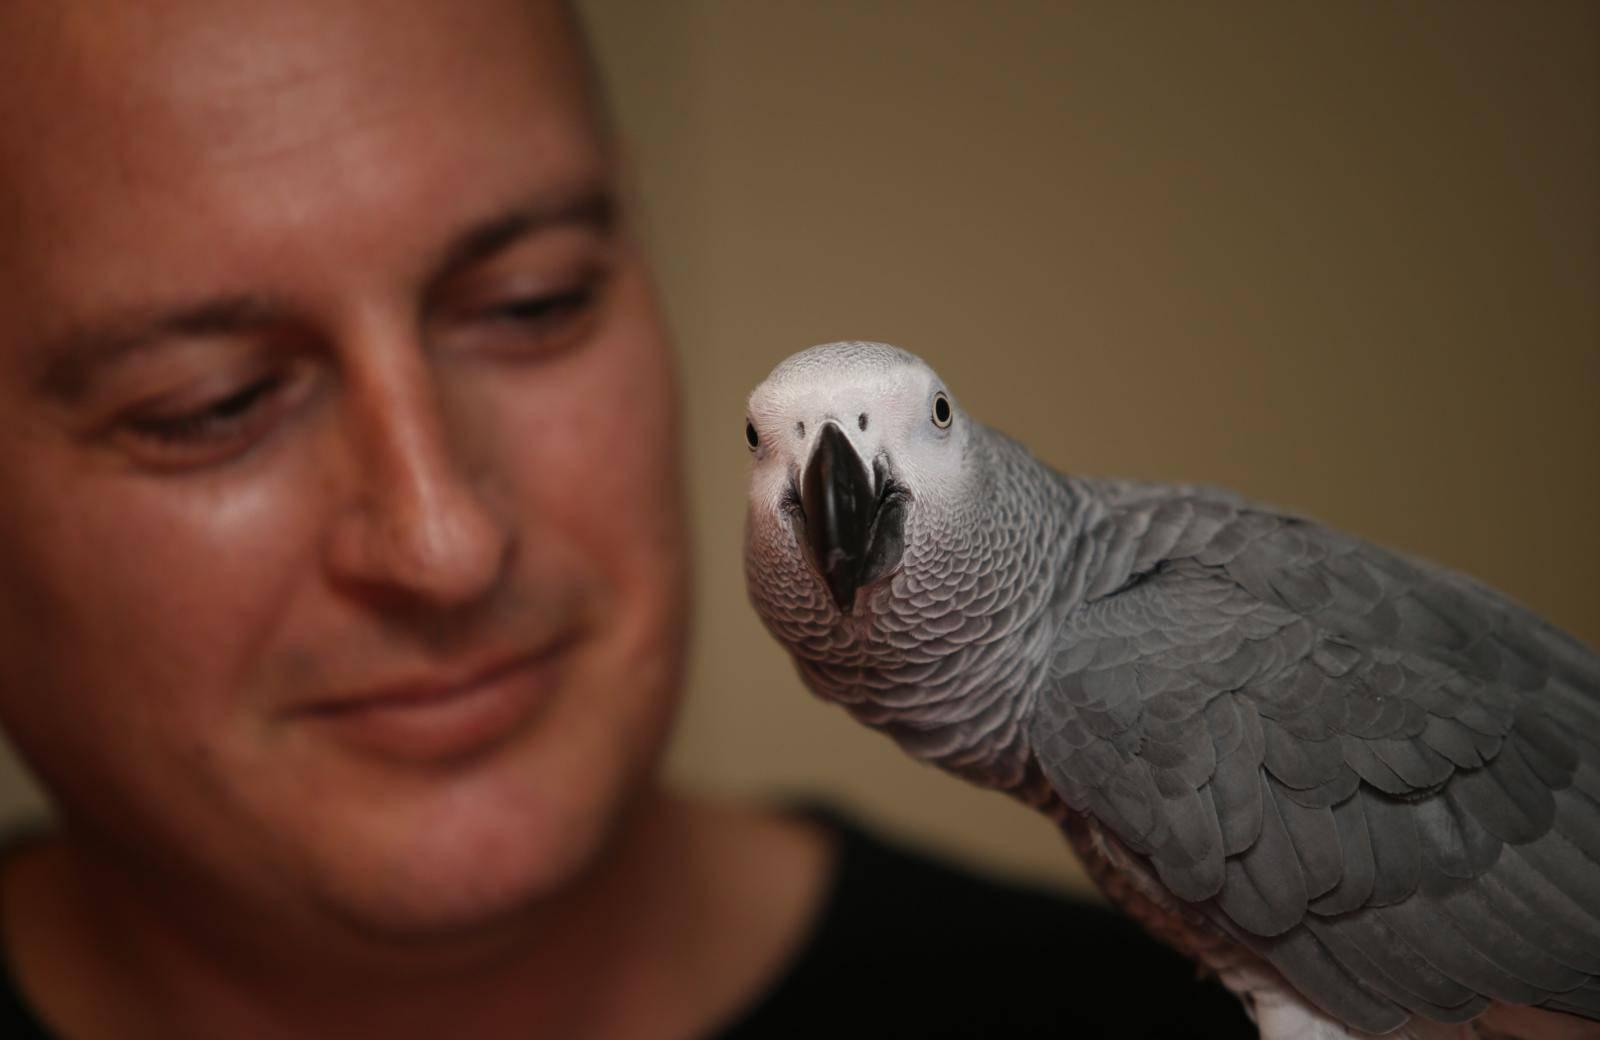 Hugo upozorava svog vlasnika: 'Ako već ideš van, stavi masku'